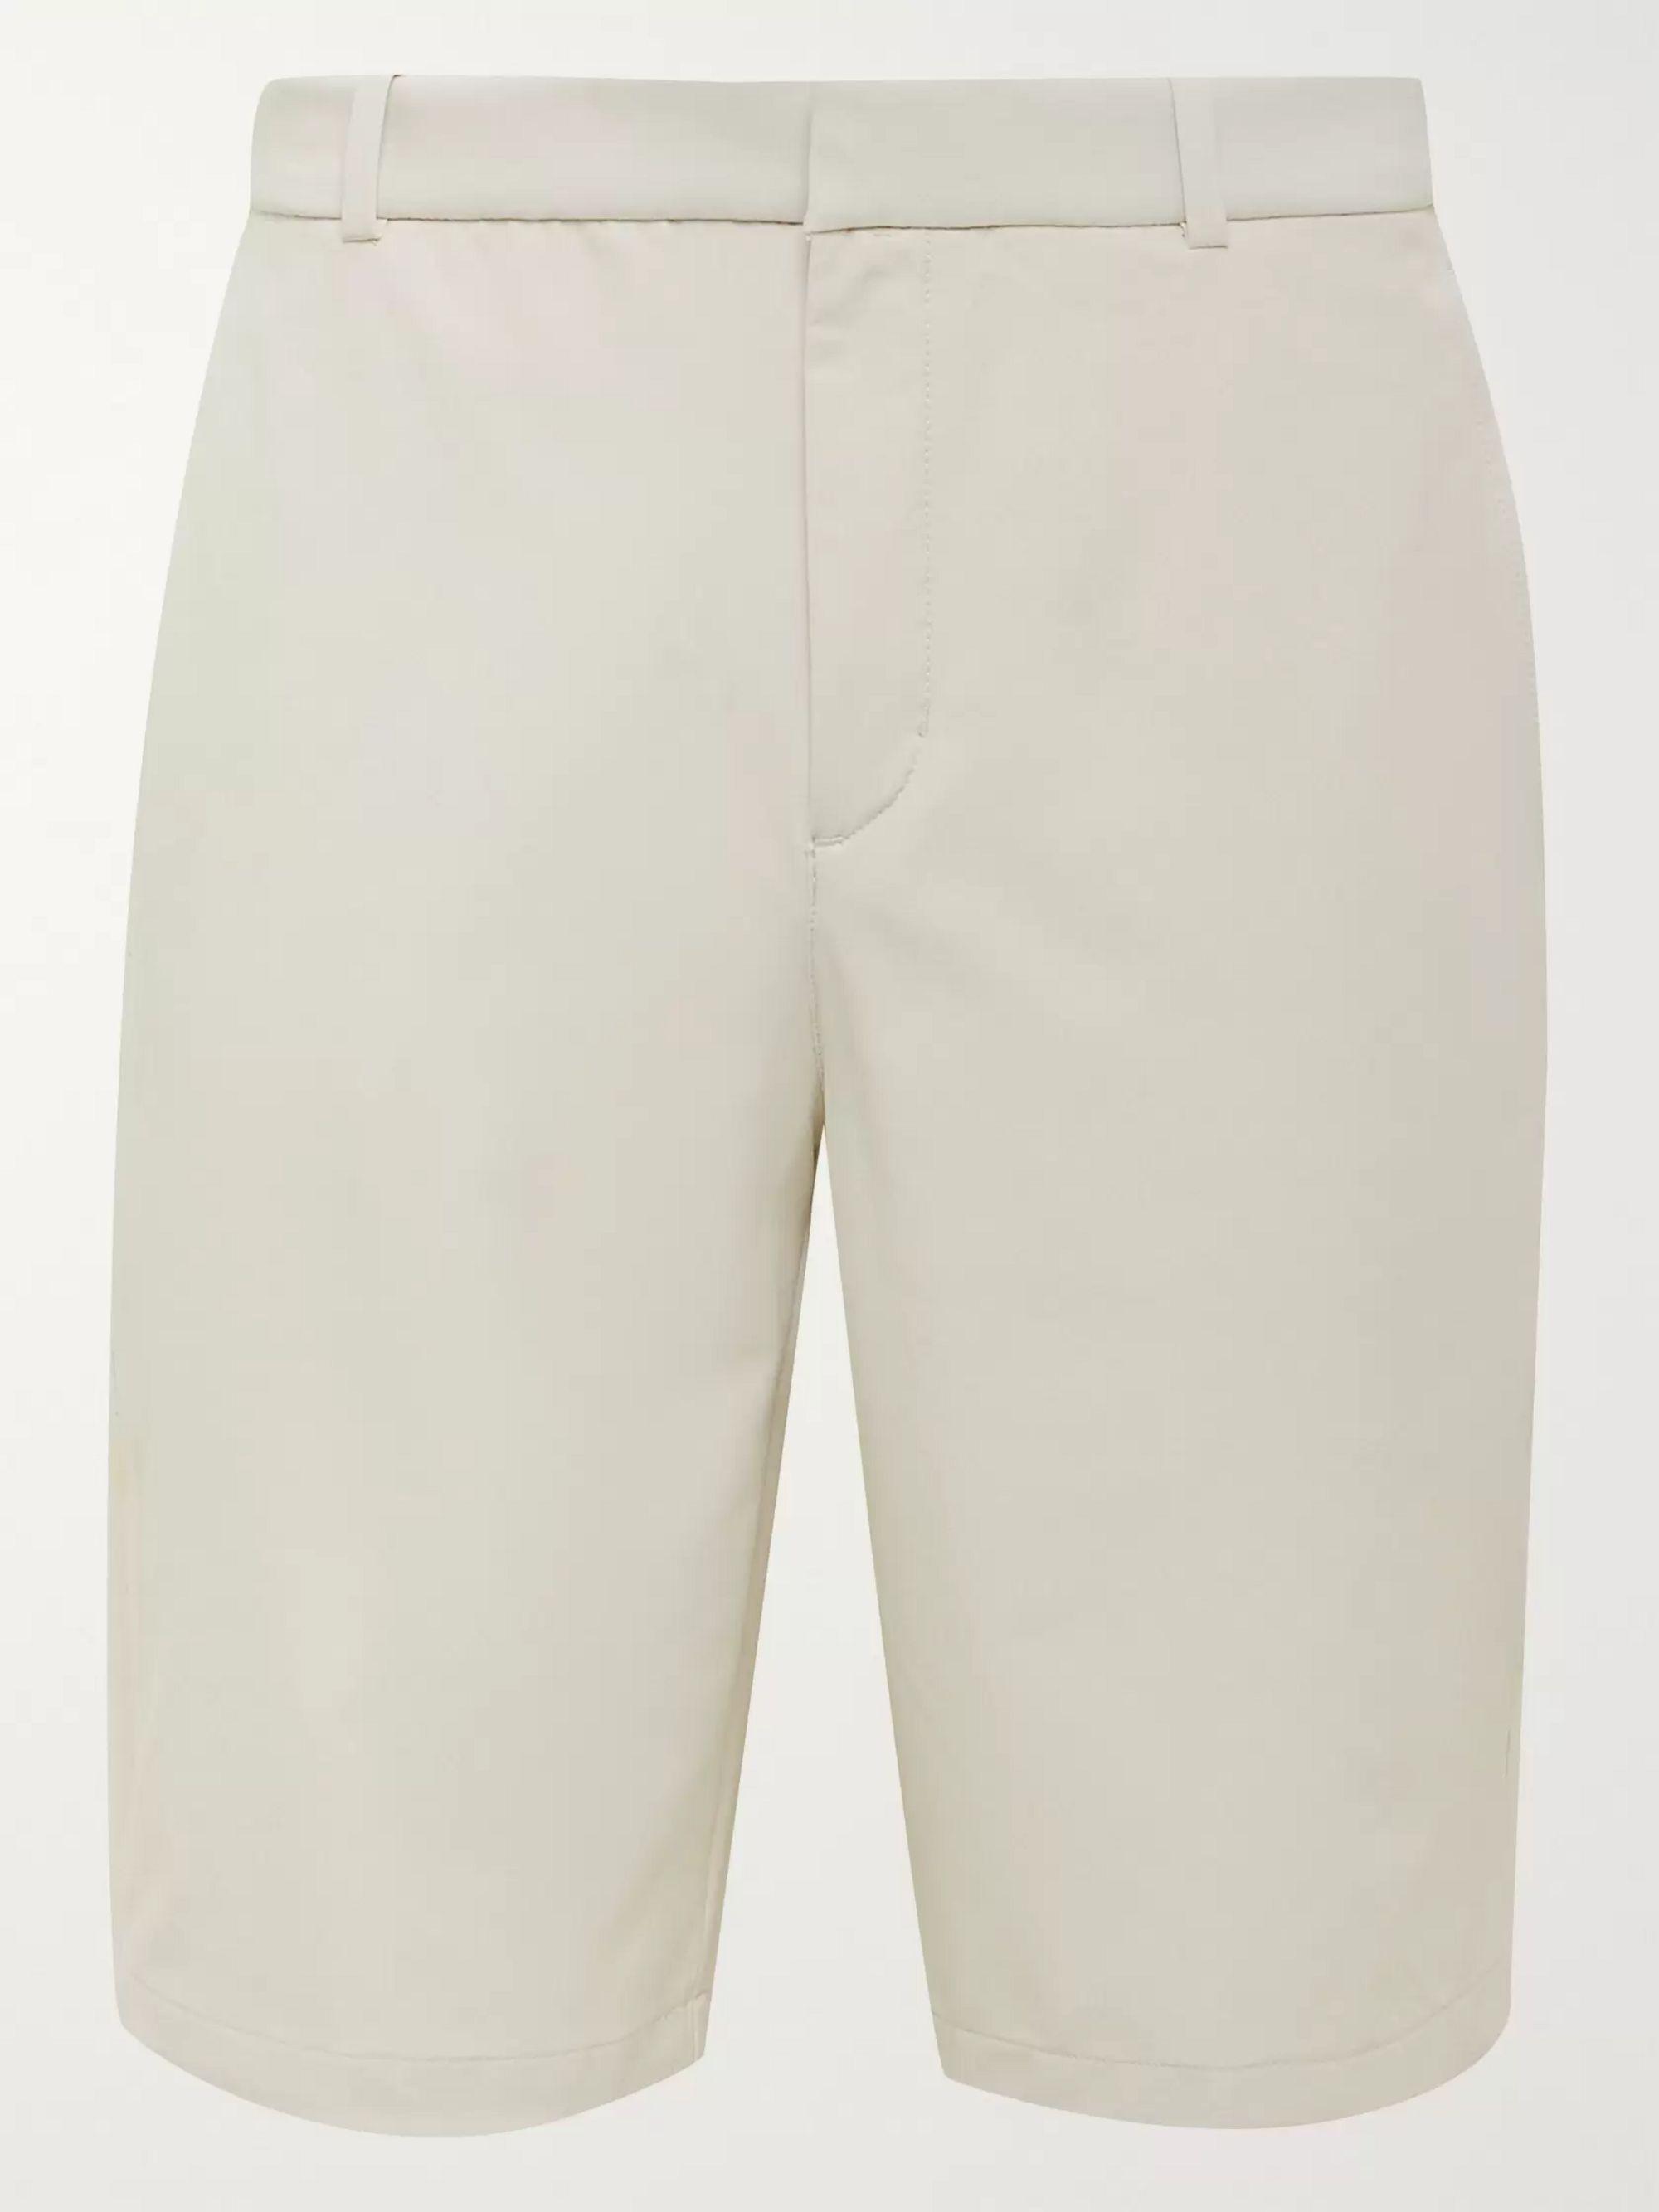 Nike Golf Flex Hybrid Dri-FIT Golf Shorts